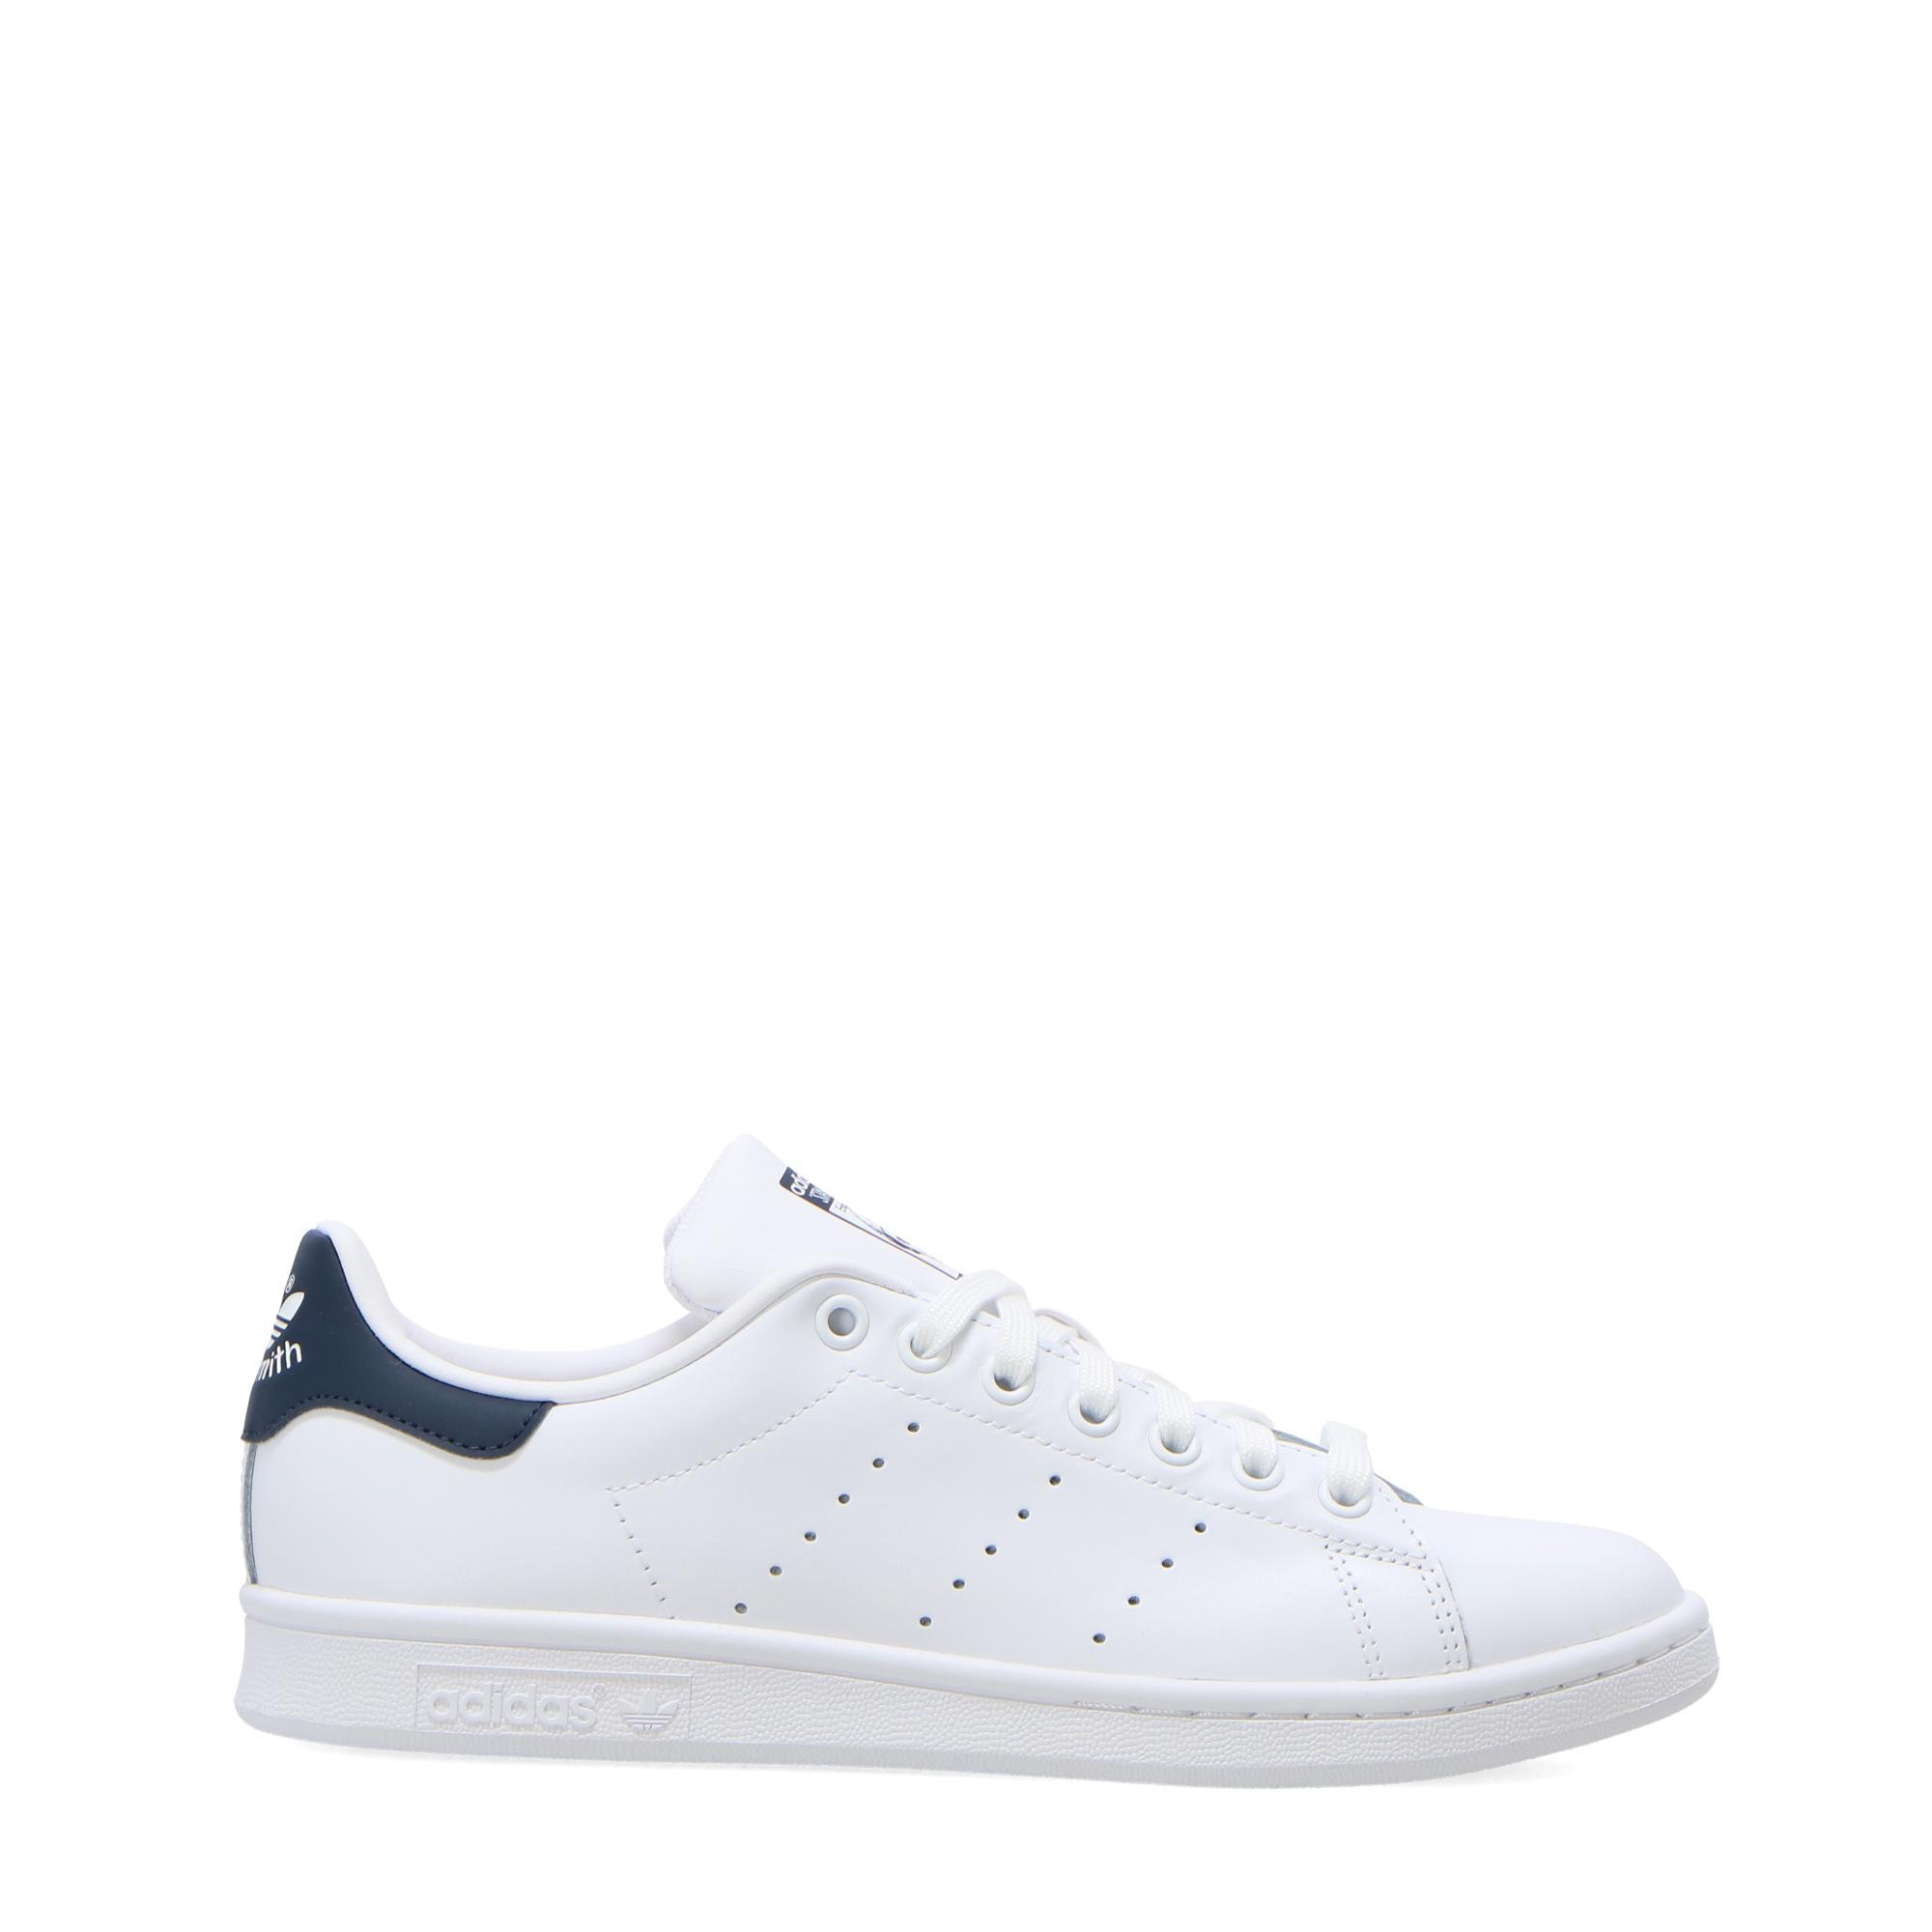 Adidas Stan Smith White New Navy   Treesse